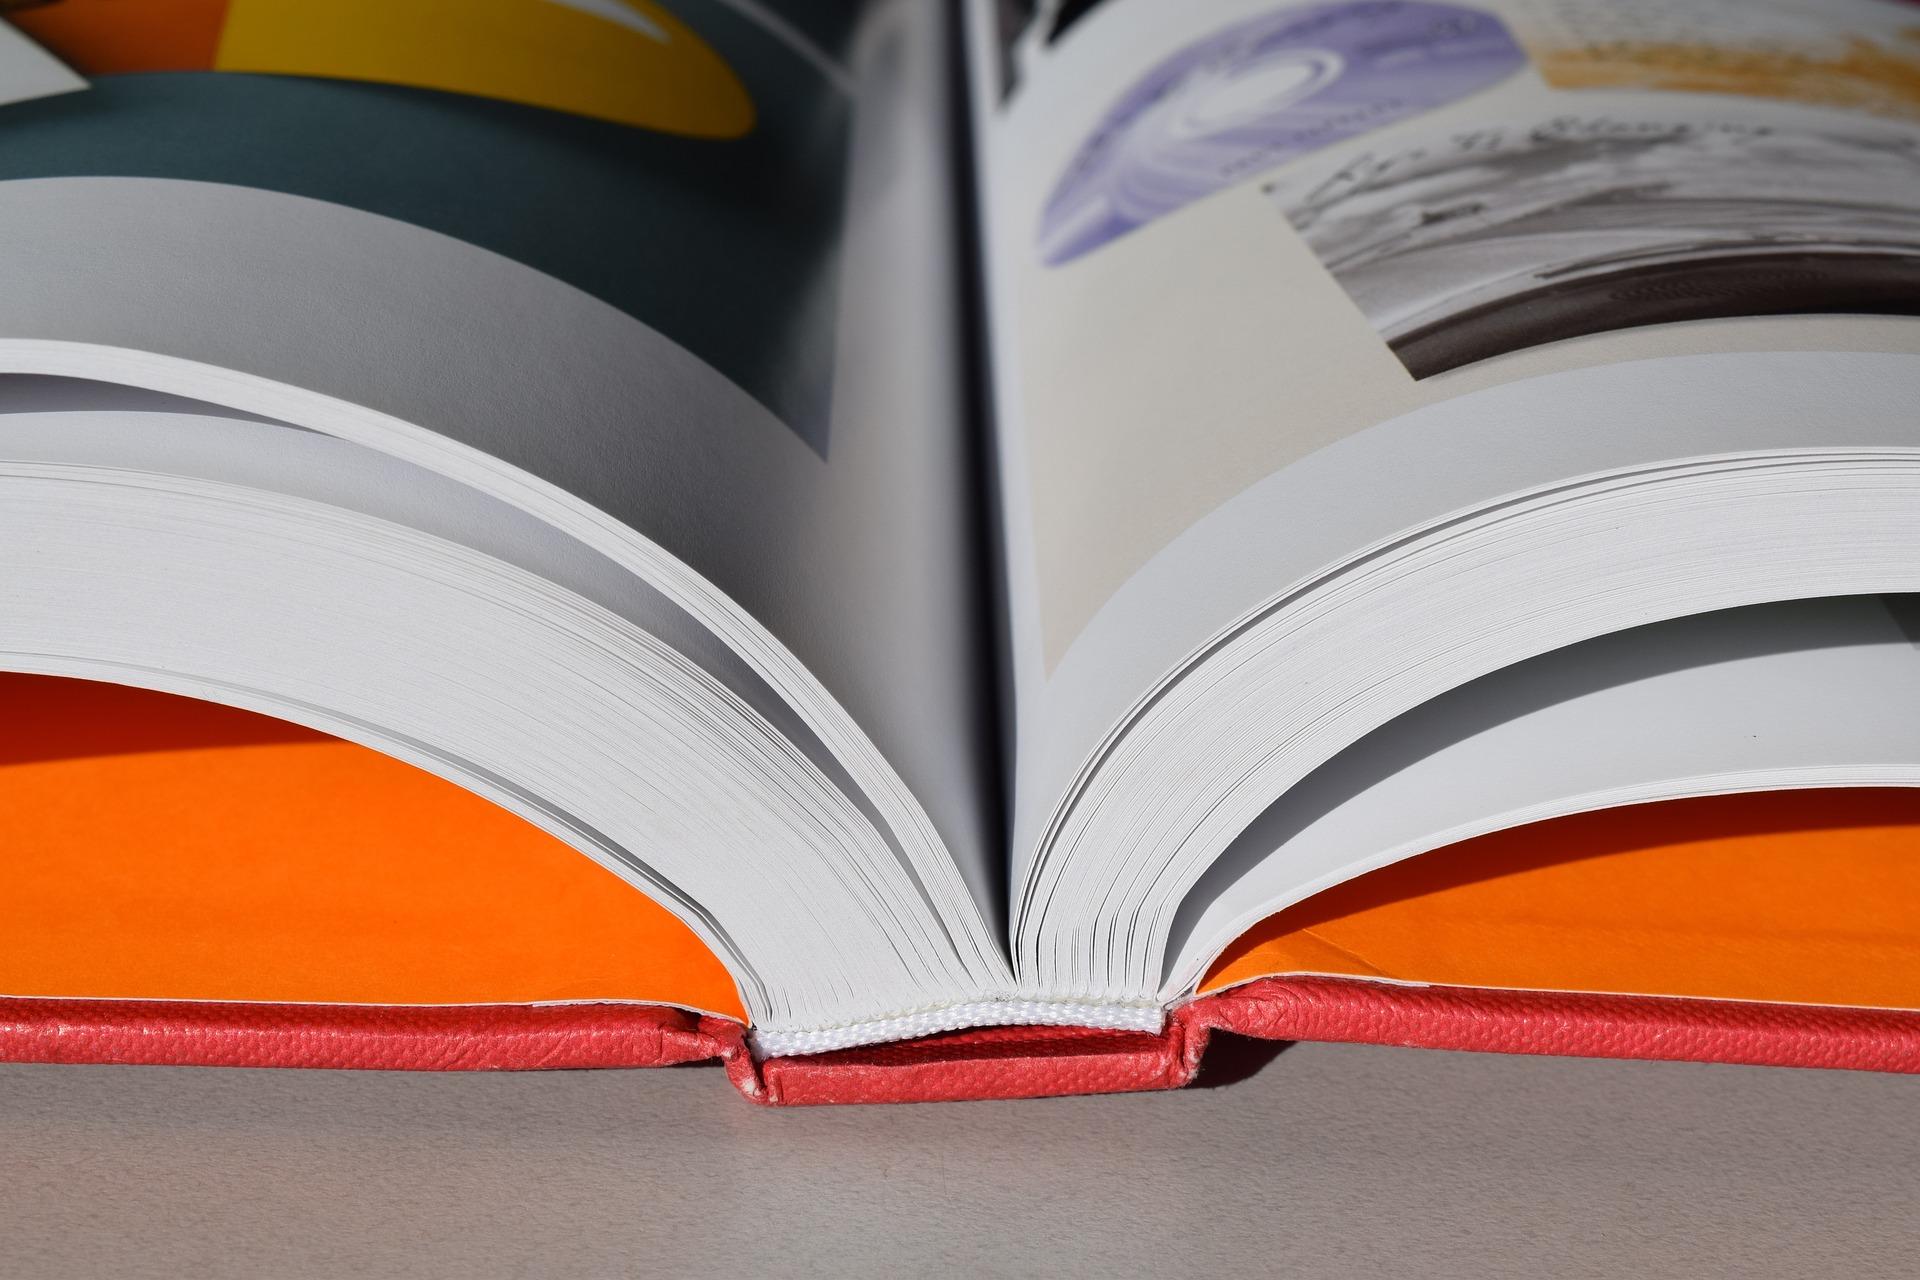 Учебники по ОБЖ могут заменить пособиями по экологии